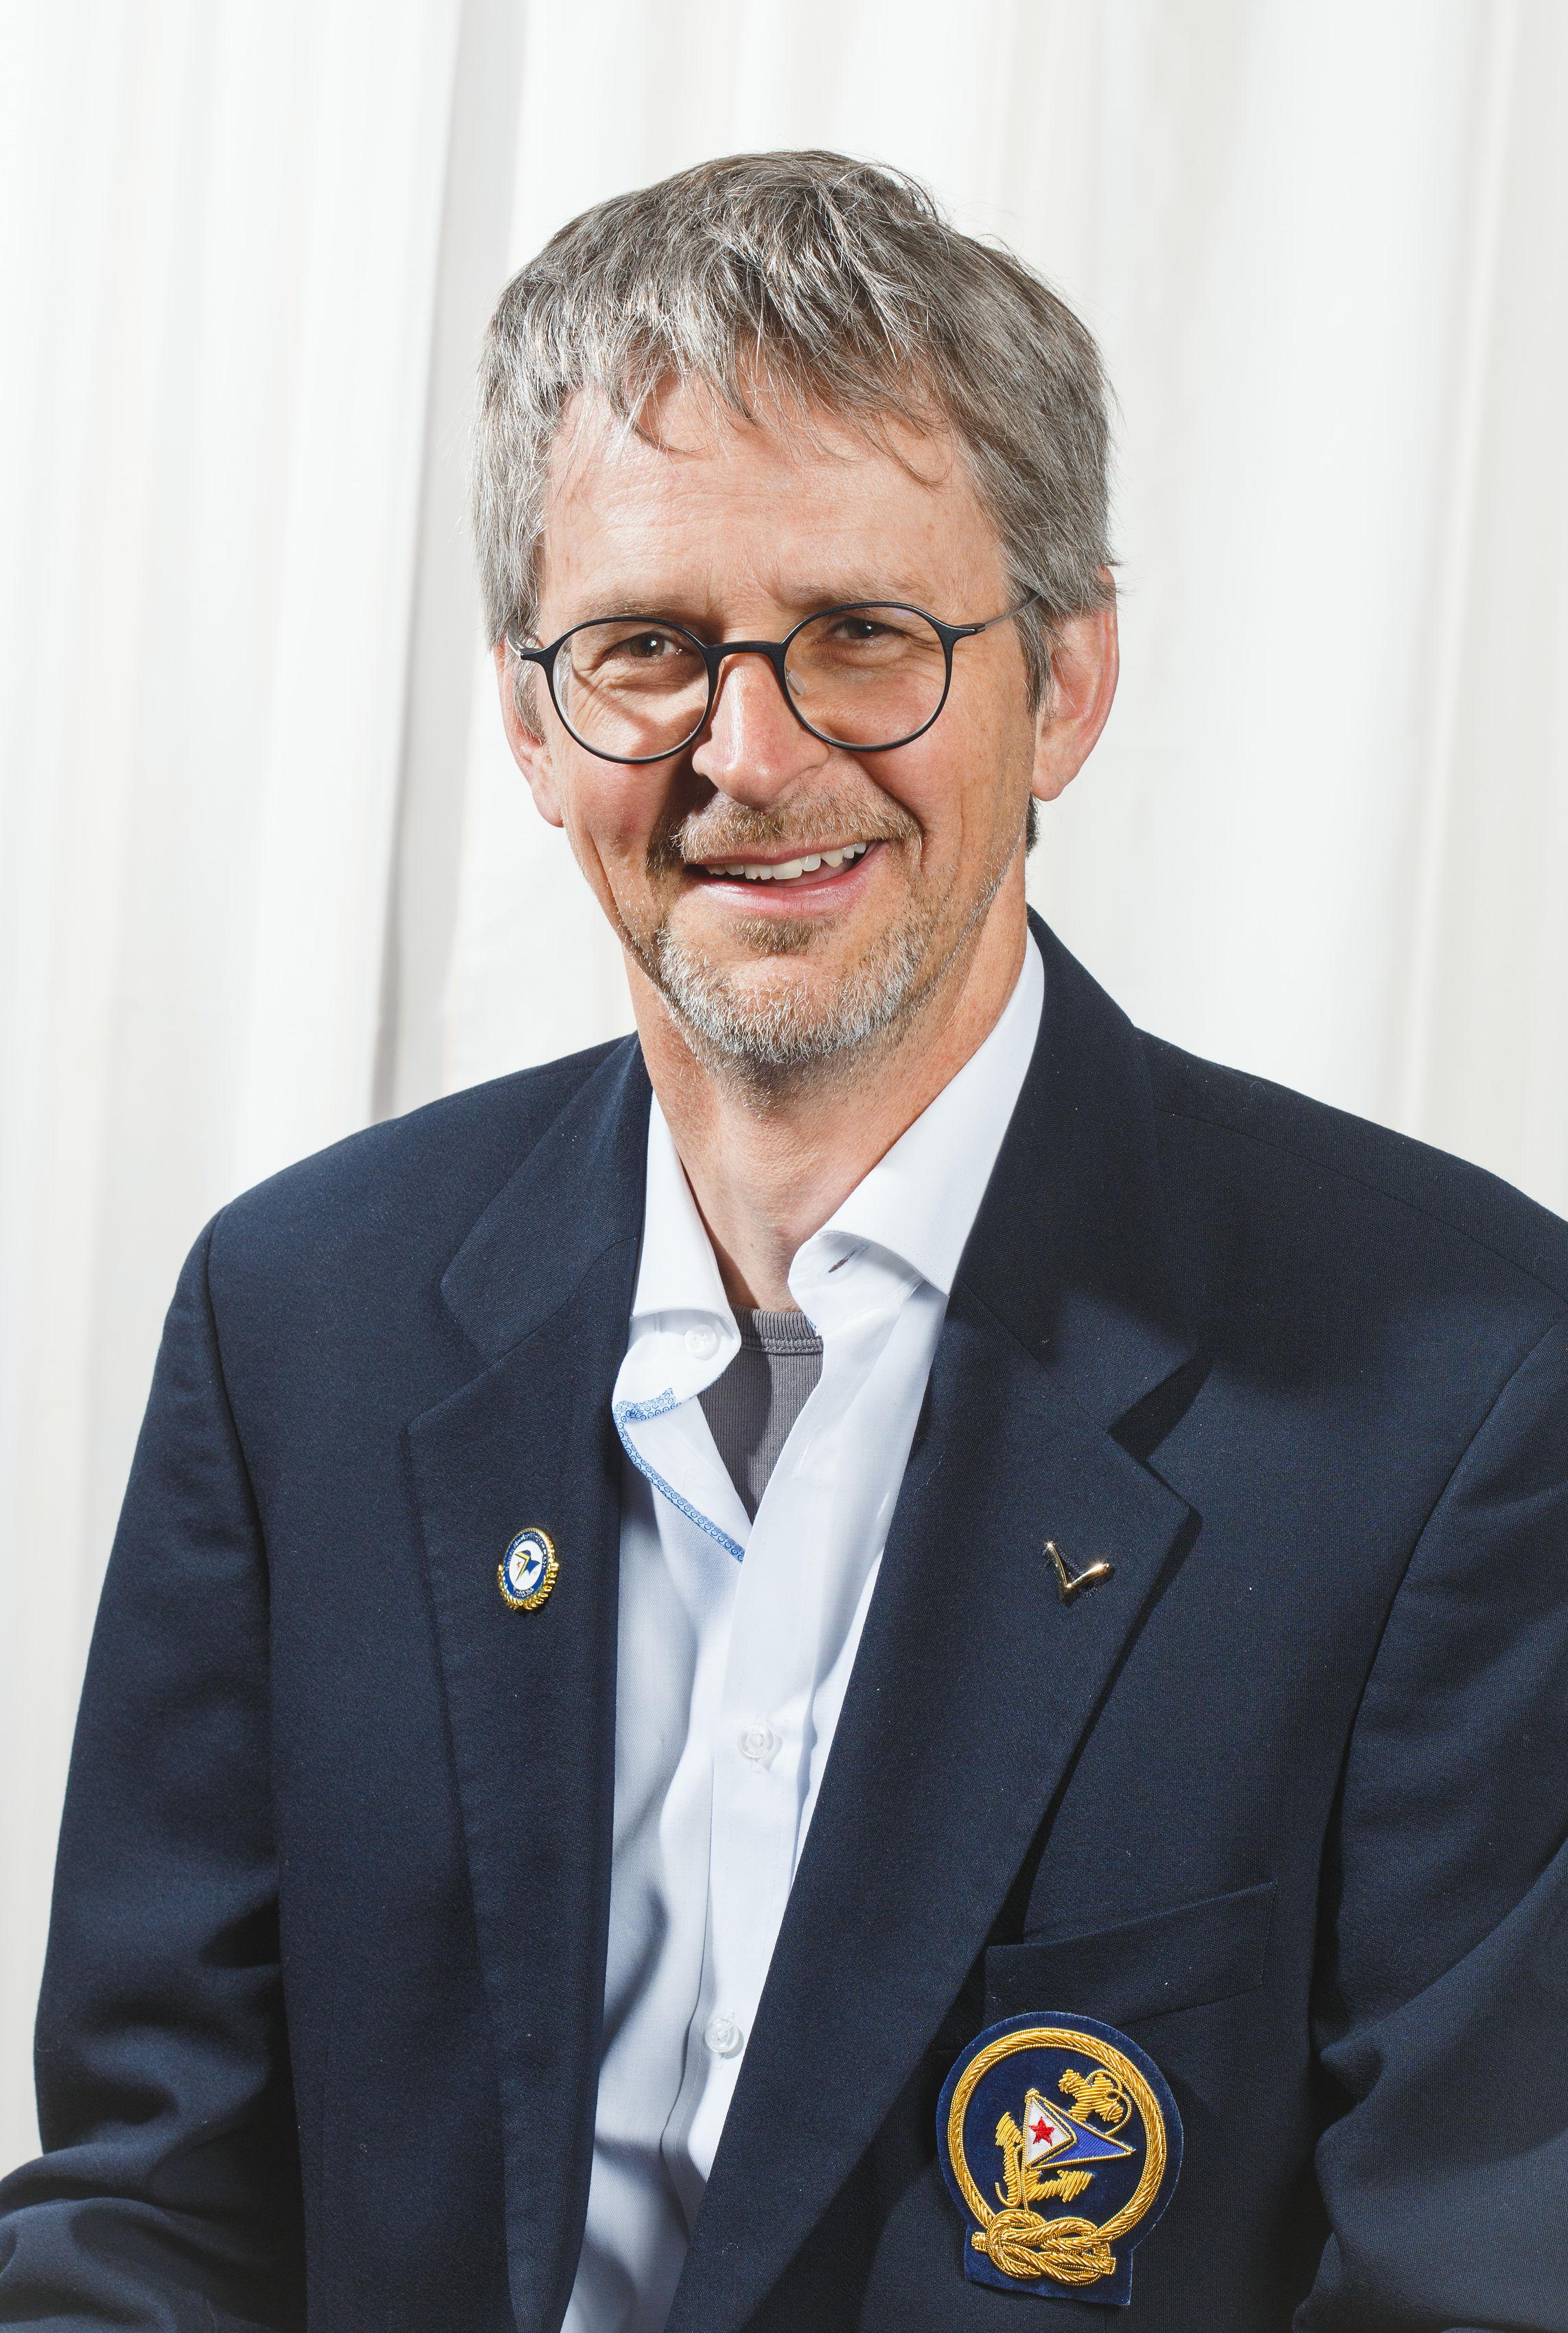 Bert Tietje - Director